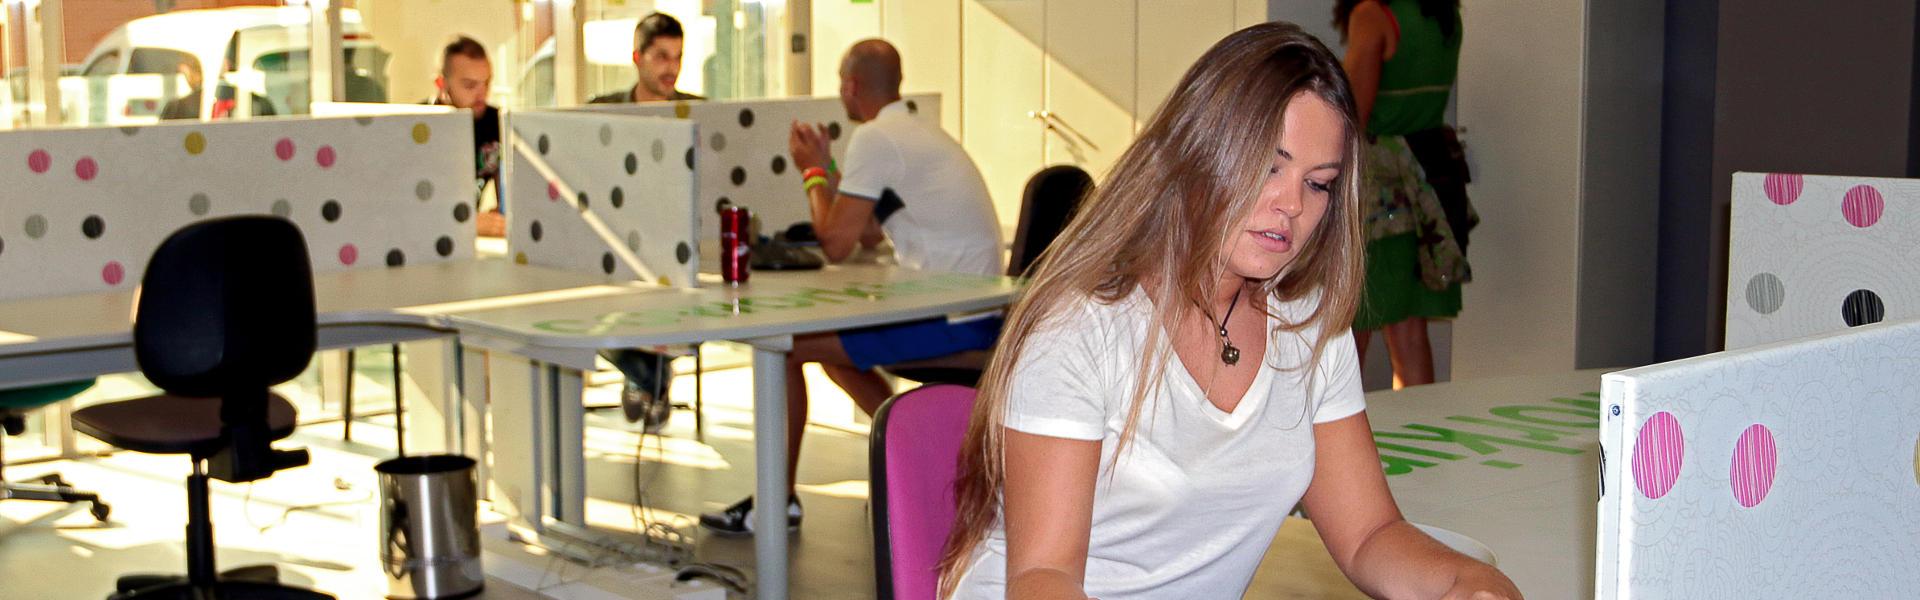 Coworking Orixe22 chica trabajando en su puesto de trabajo